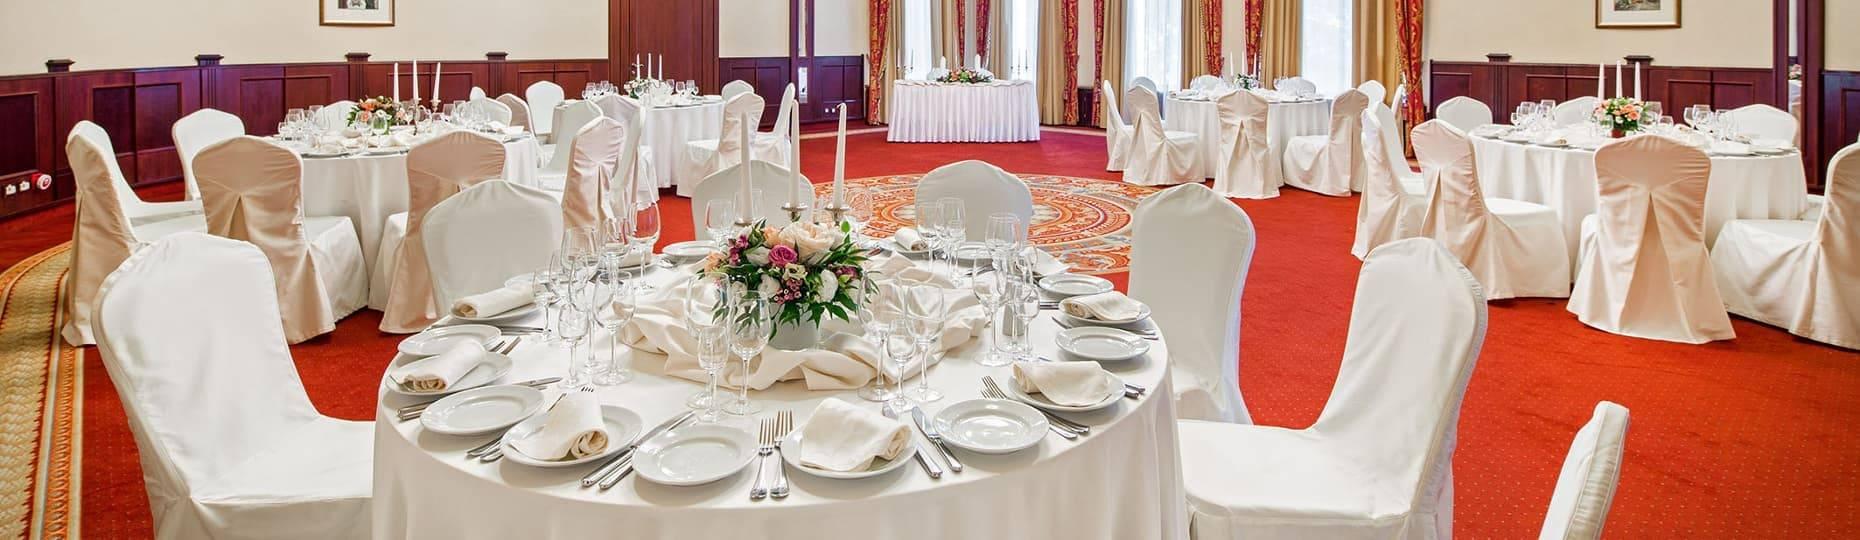 Отели для проведения свадьбы в москве